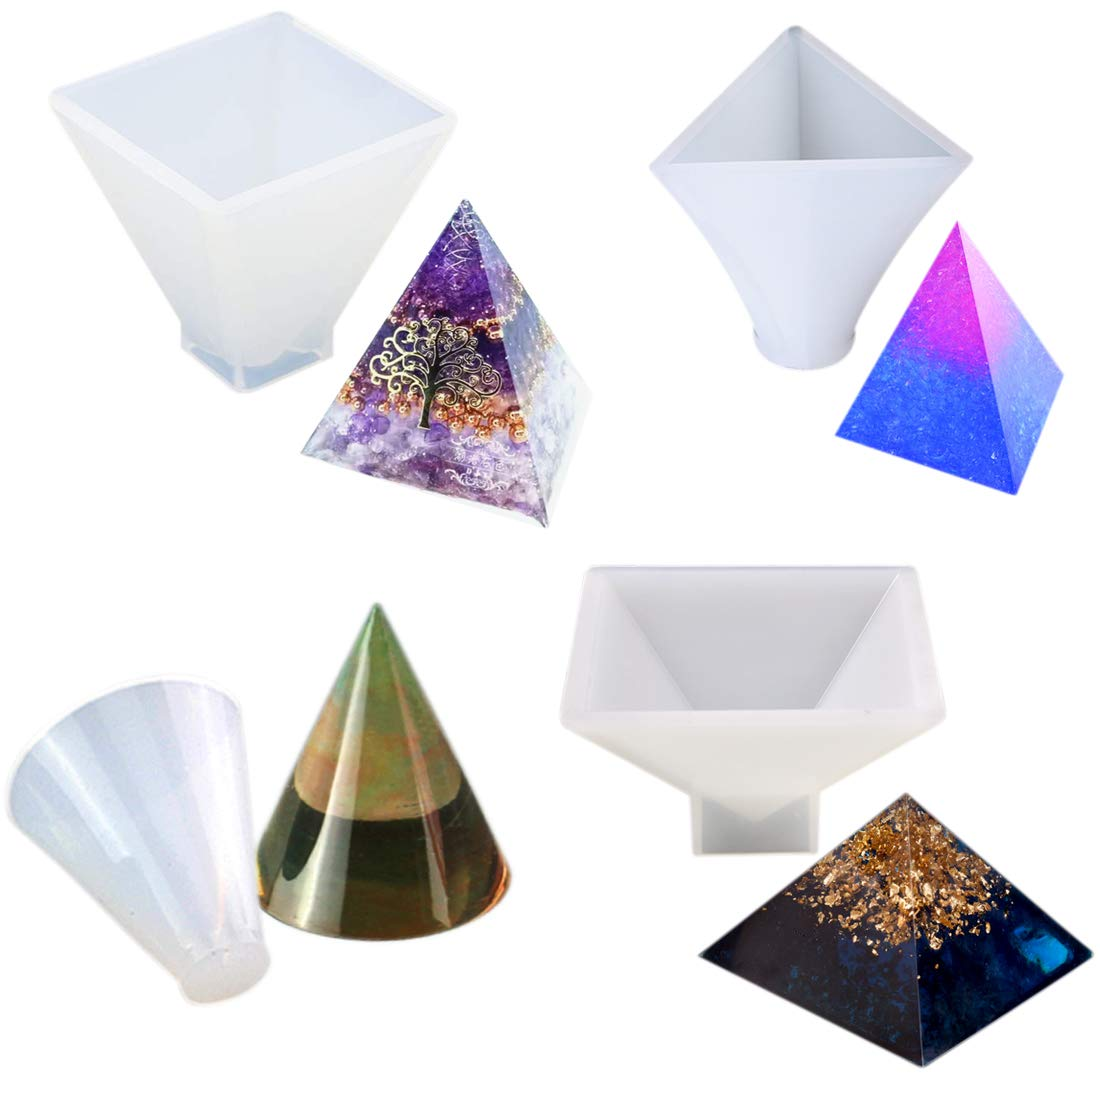 C/ône Bricolage Artisanat Faire FineInno 4 Pi/èces Moule Resine Silicone Moule Epoxy Casting Mold DIY Compris Pyramide c/ône